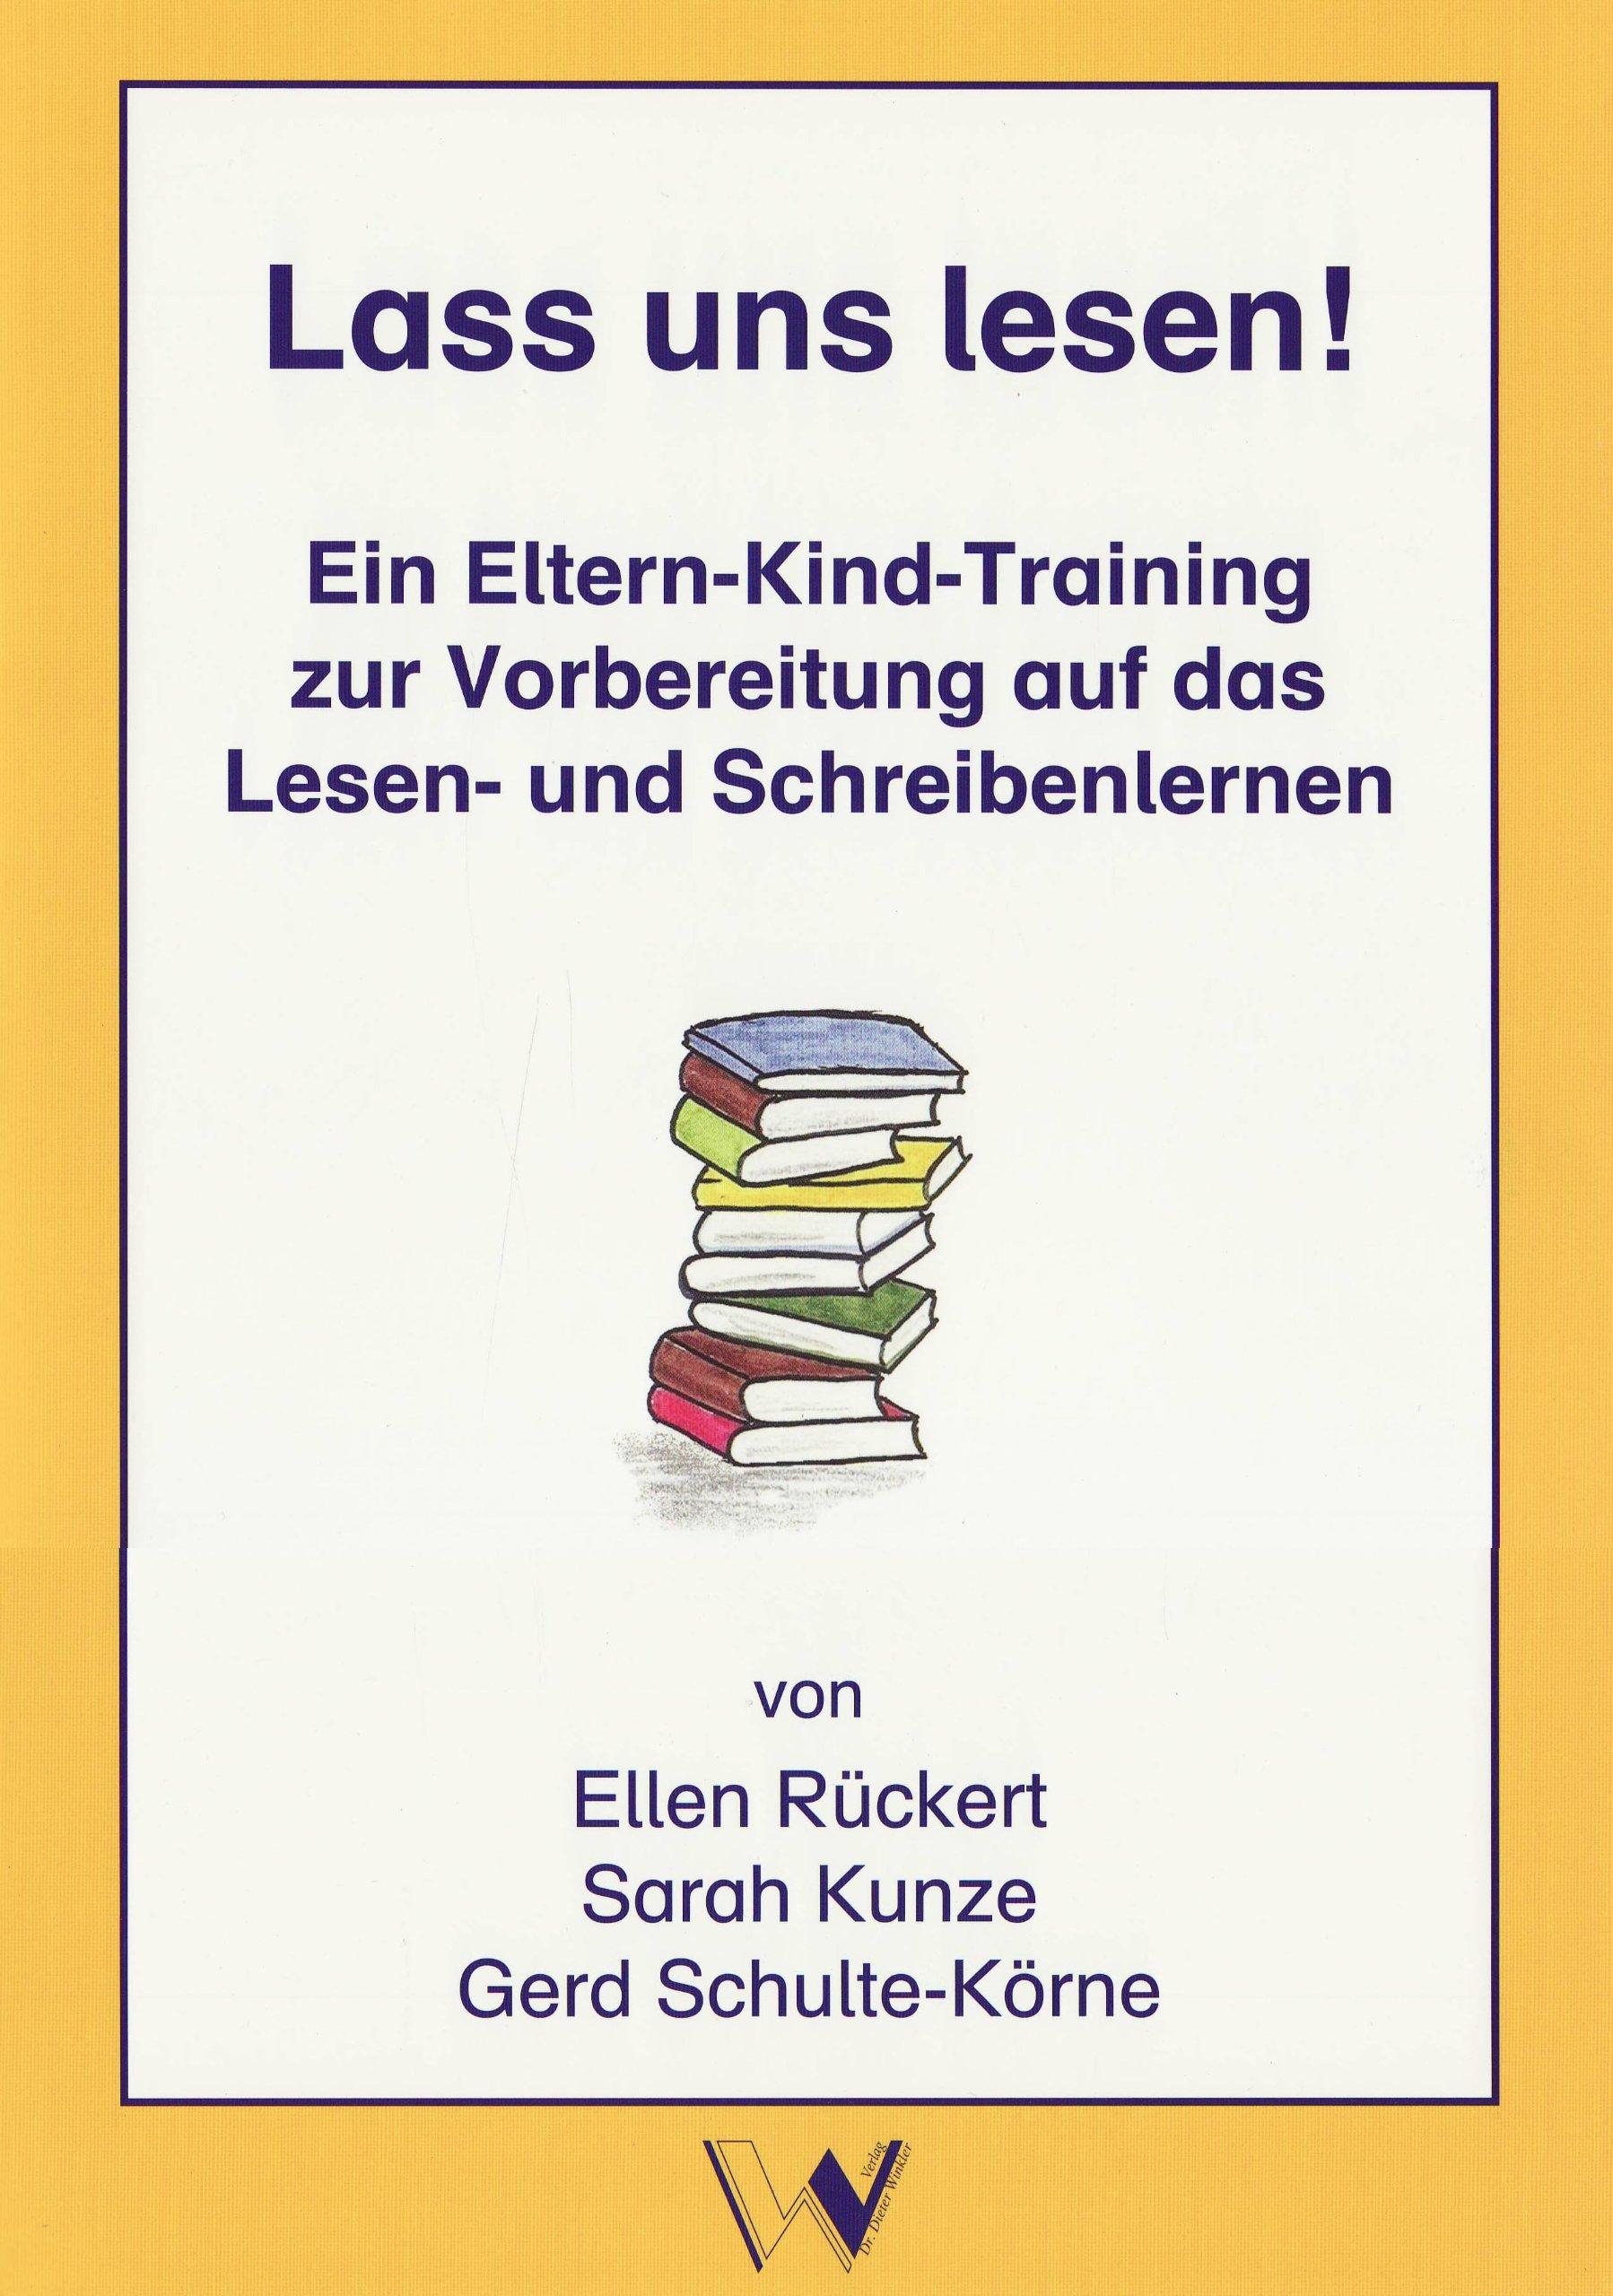 Lass uns lesen!: Ein Eltern-Kind-Training zur Vorbereitung auf das Lesen- und Schreibenlernen